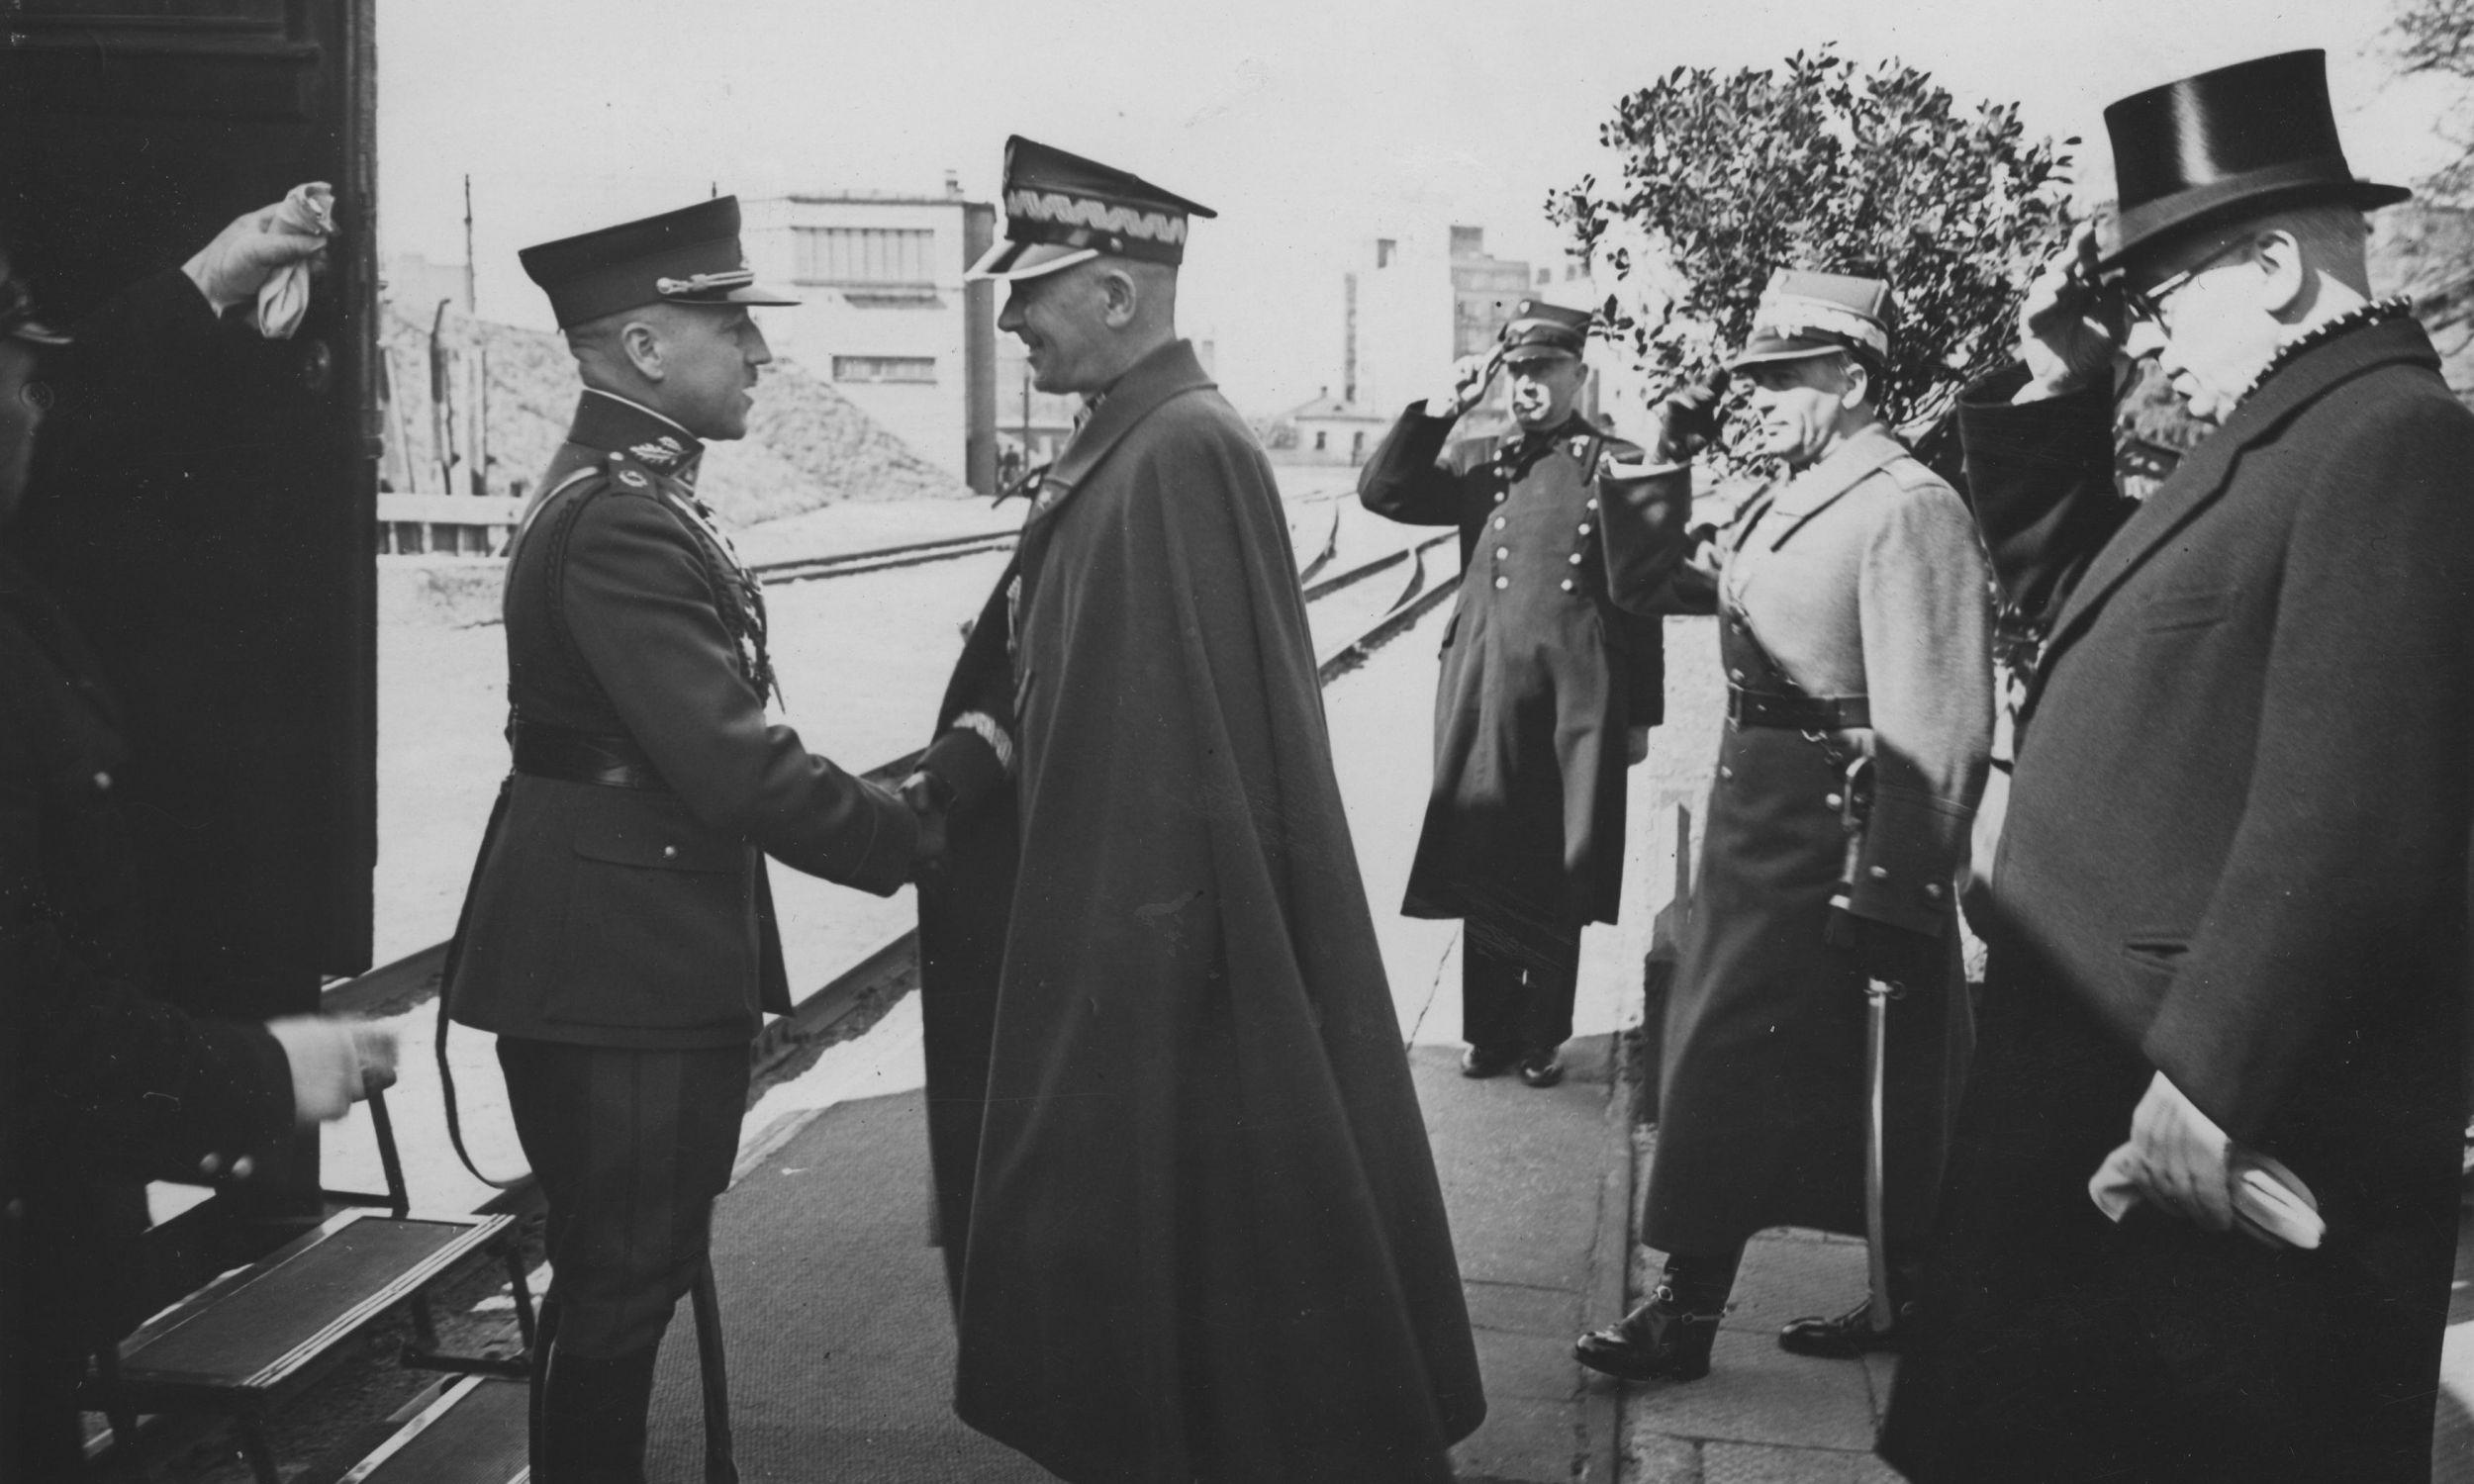 Już powitanie w Warszawie gen.Stasys Rastikis miał królewskie. Na Dworzec Wschodni pofatygował się marszałek Edward Śmigły Rydz. Fot. NAC/IKC